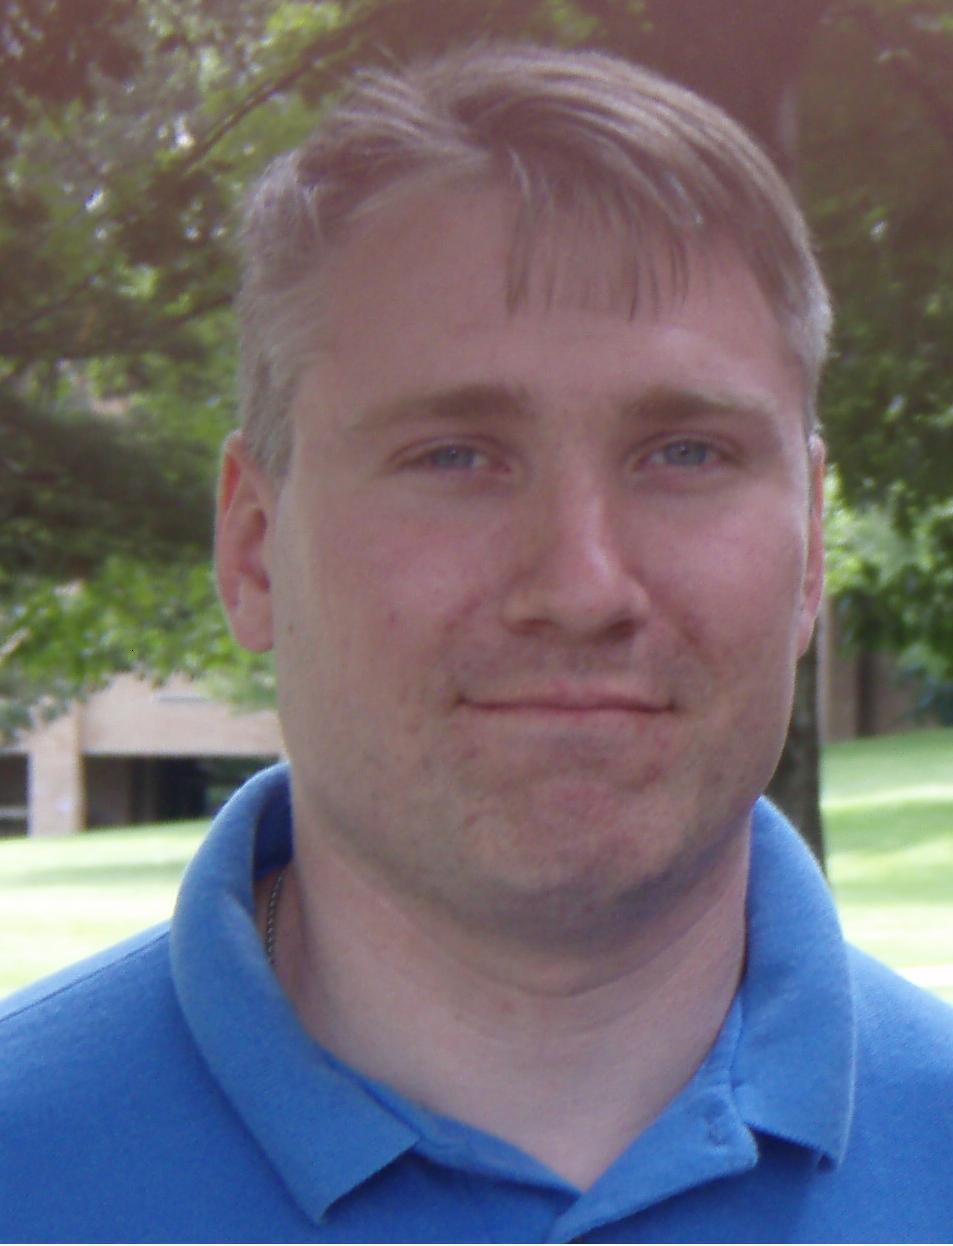 Matt Heusser